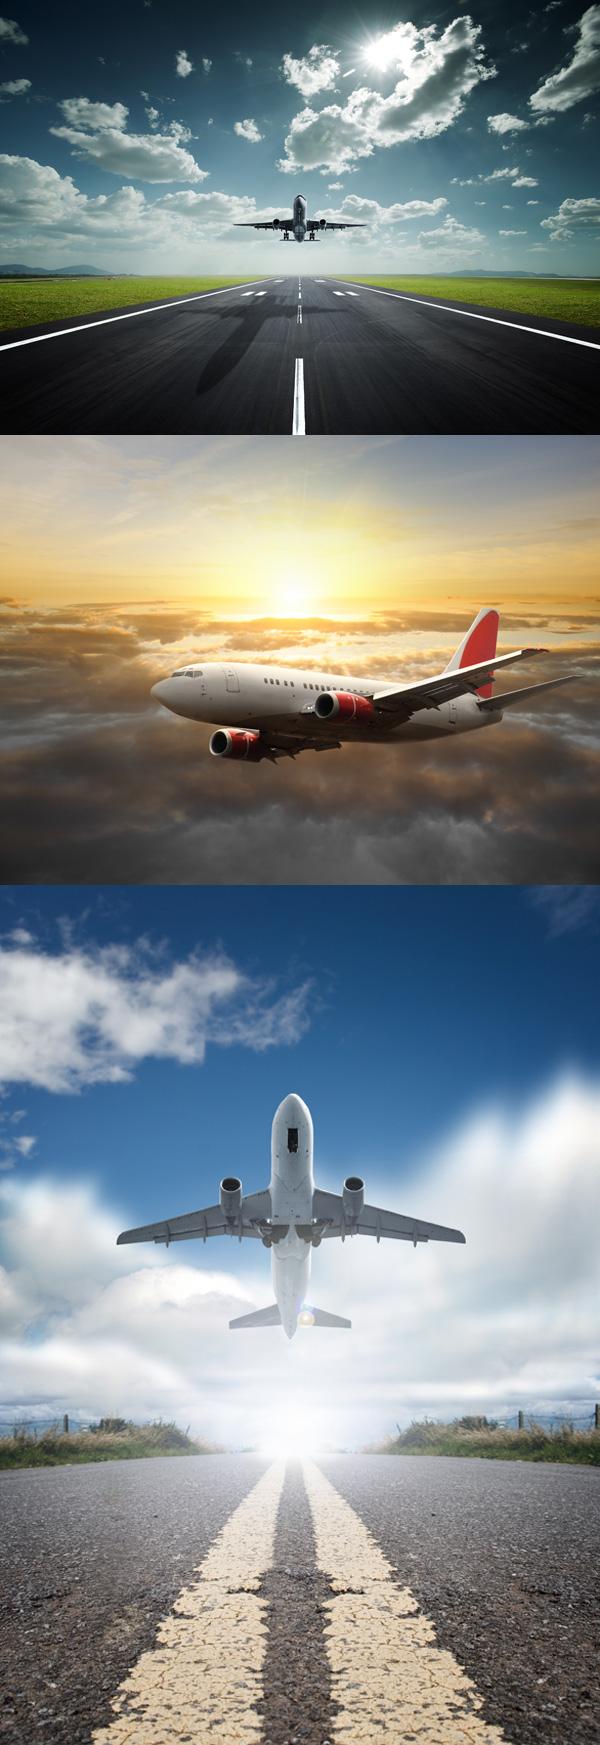 飞机的种类和用途图片